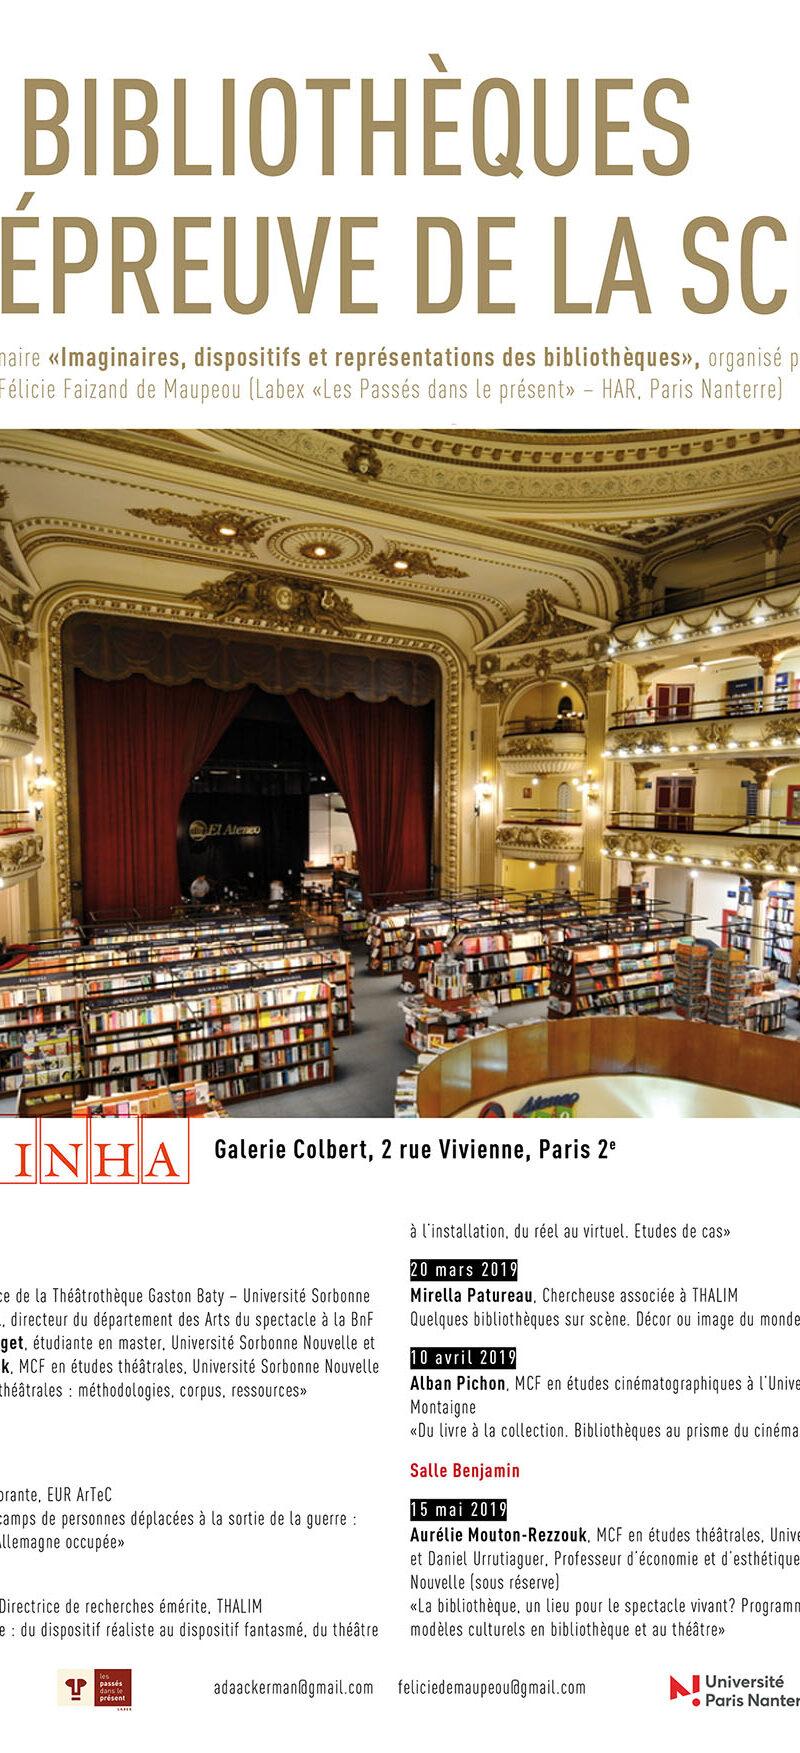 Séminaire / Les bibliothèques à l'épreuve de la scène, 16 janvier-15 mai 2019, INHA, Paris